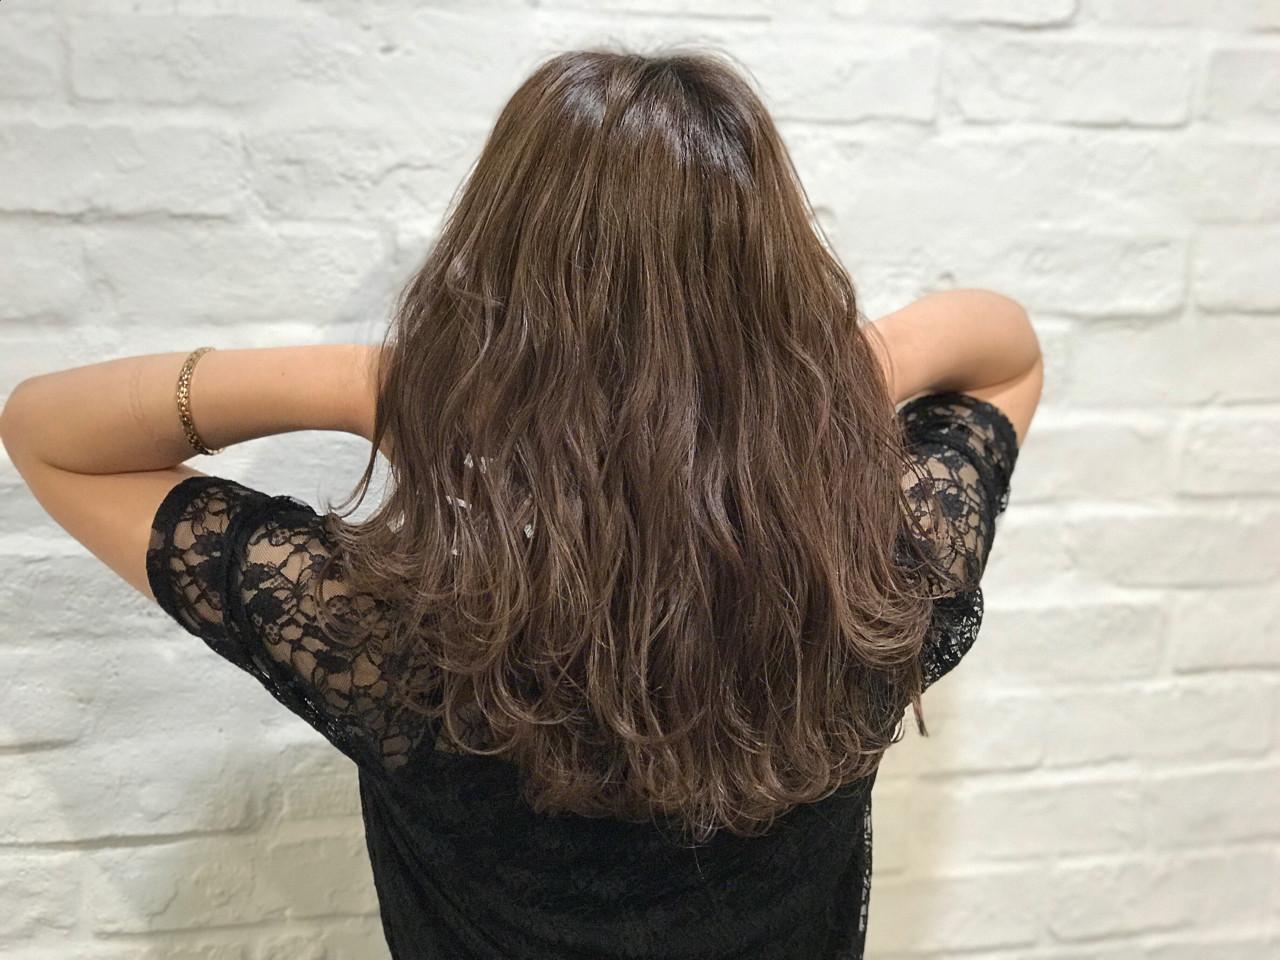 セミロング ナチュラル グラデーションカラー 外国人風 ヘアスタイルや髪型の写真・画像 | ABBEY 迫田 紘史 / ABBEY